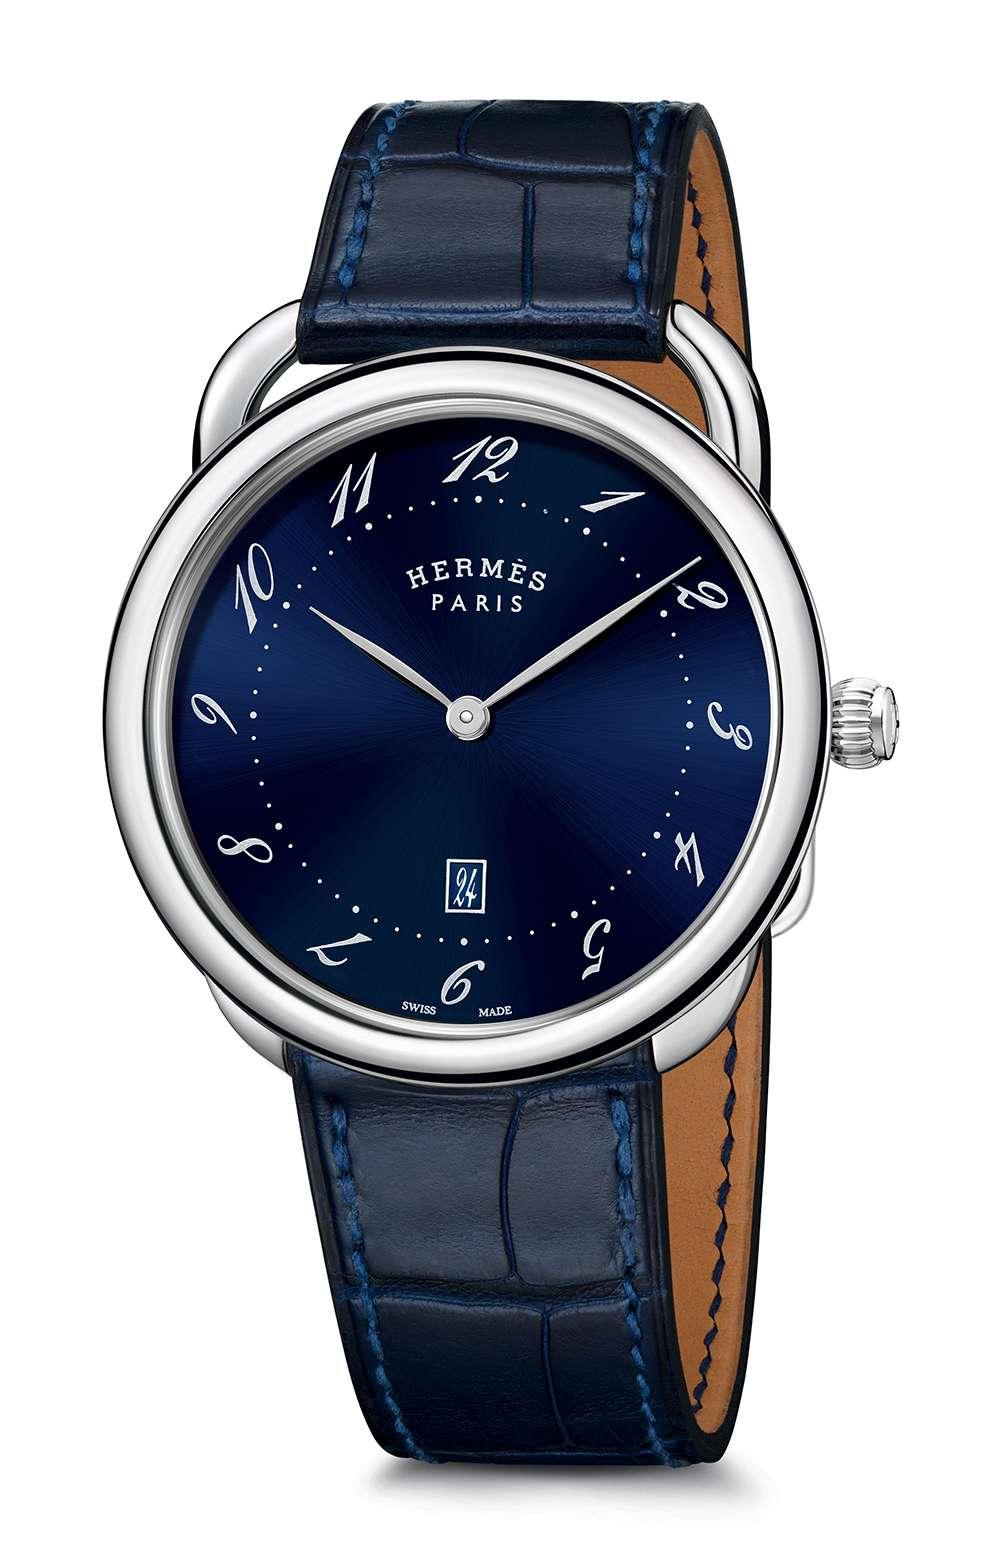 Hermès Arceau Trés Grand Modèle bleu